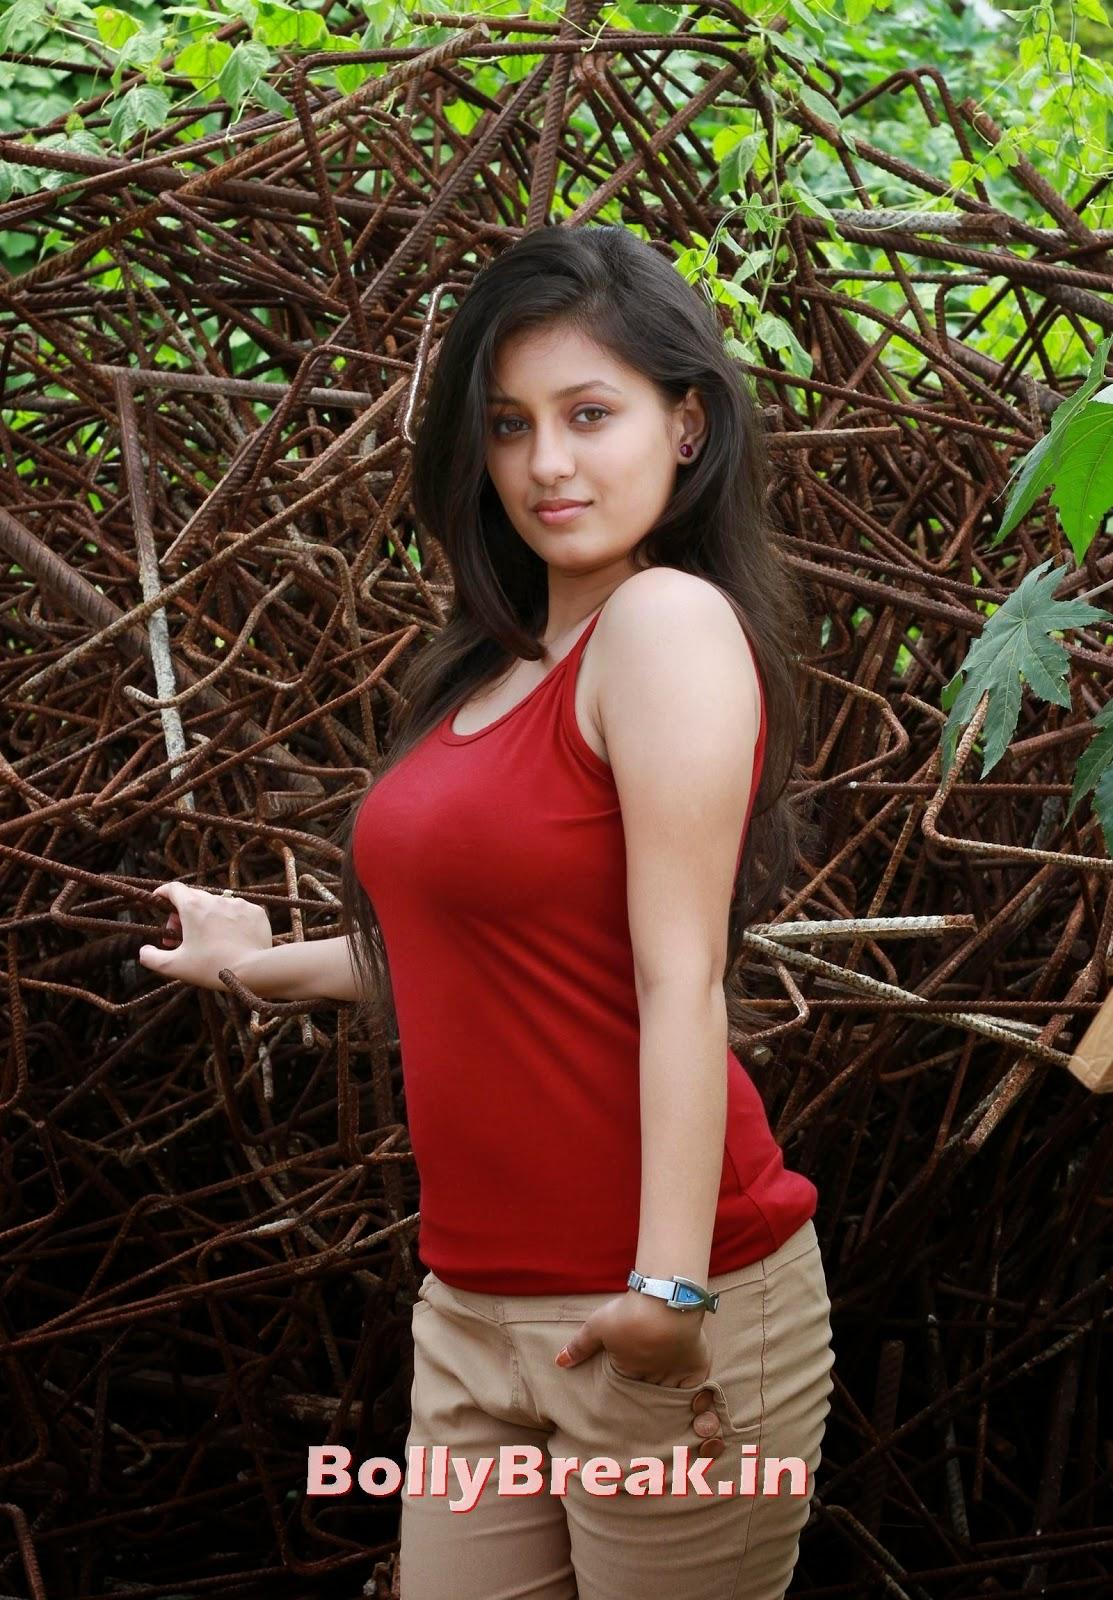 Kanika Tiwari Hot Pics In Red Top - 9 Pics-5450